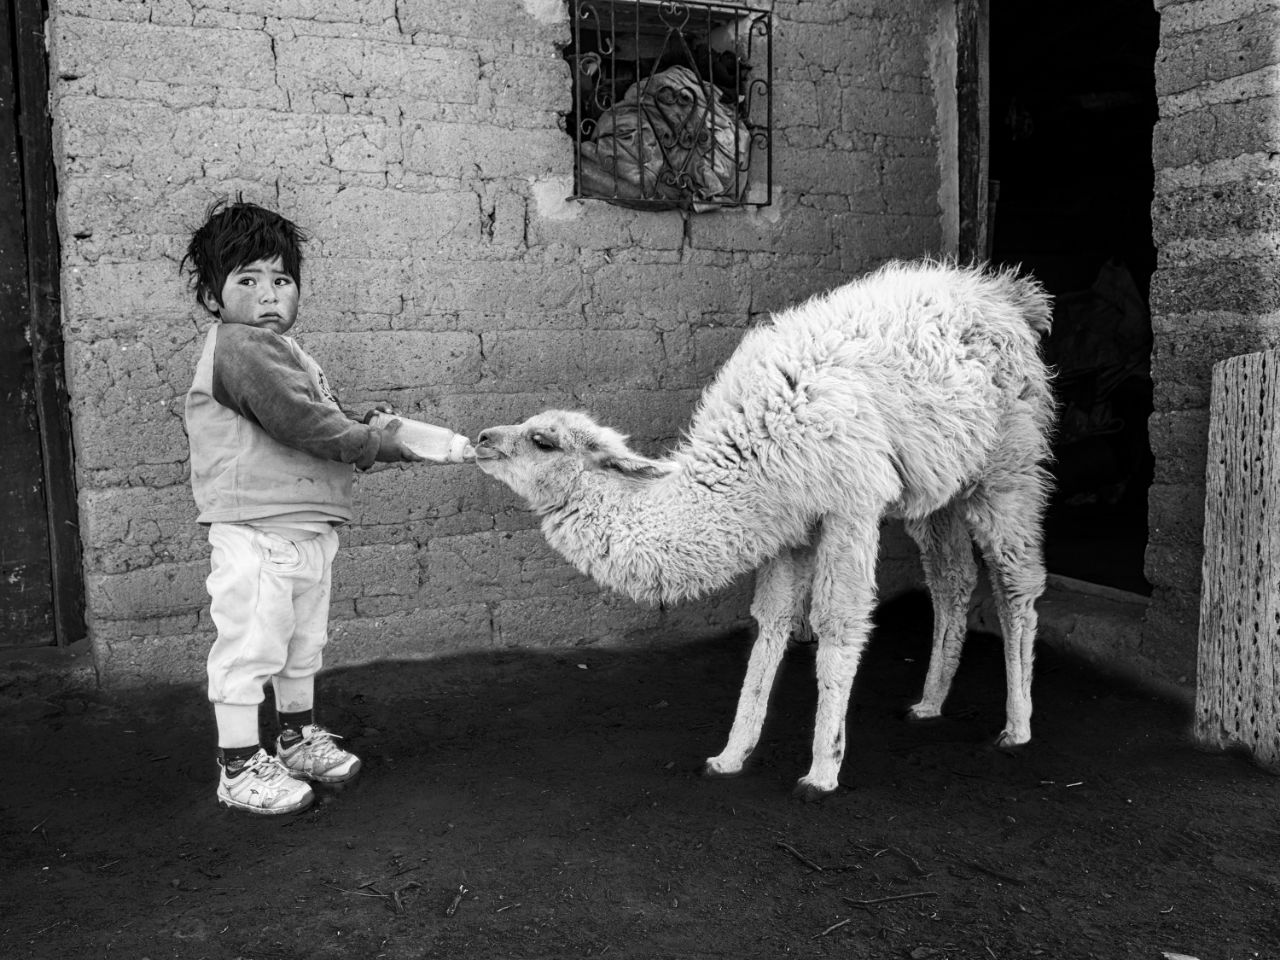 تصویری جالب از مهربانی کودک